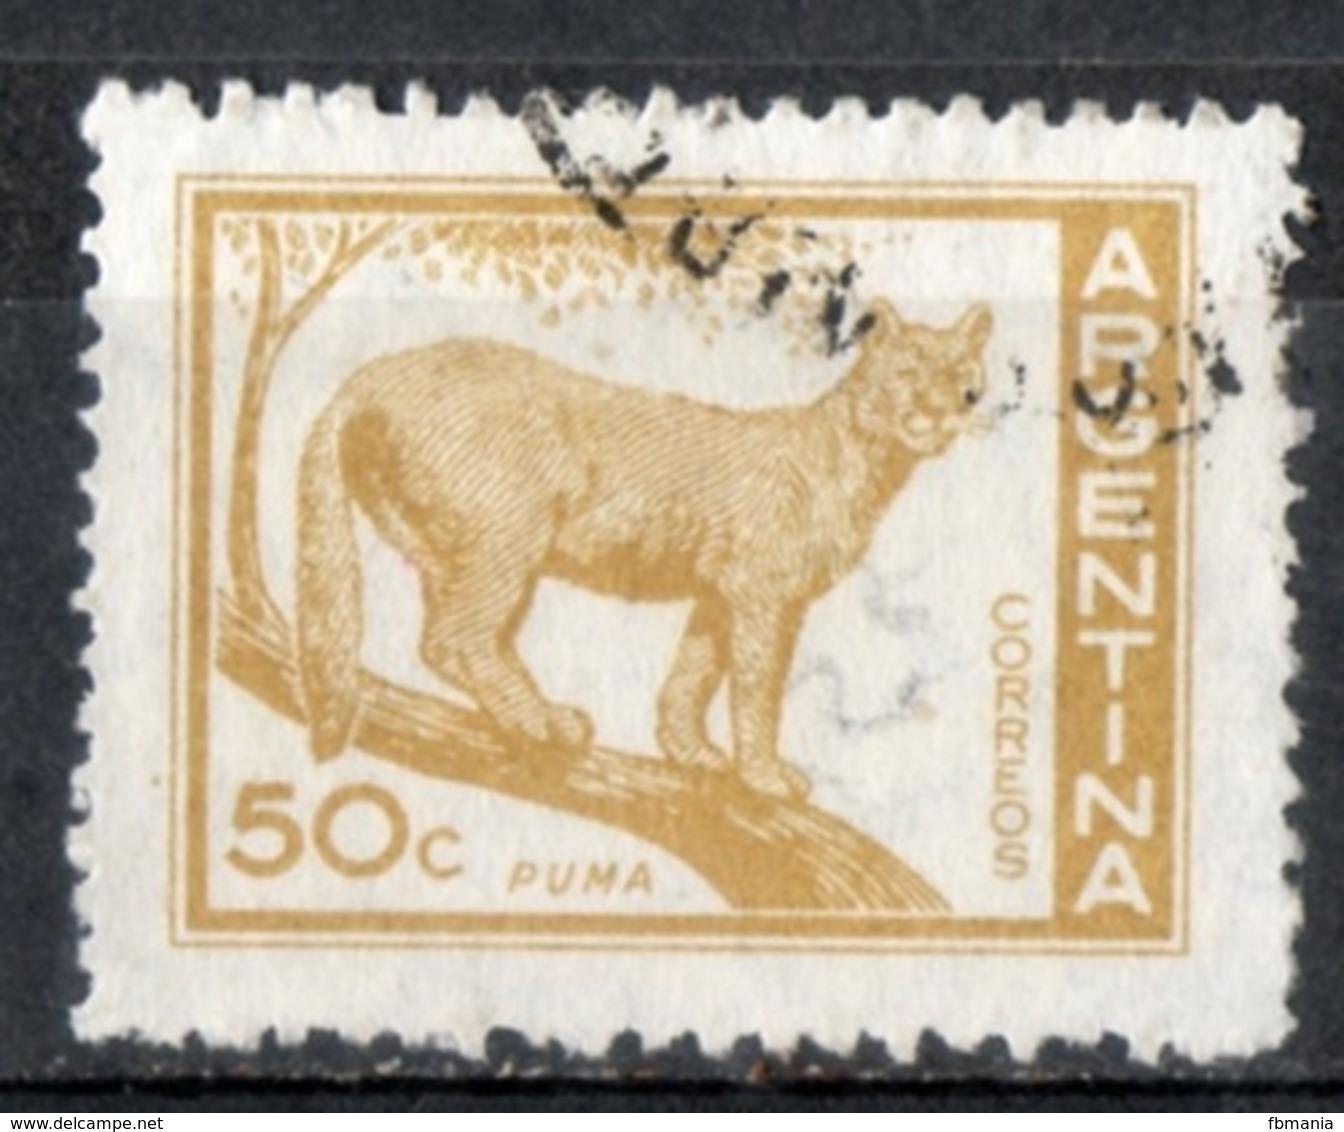 Argentina 1960 - Puma - Argentina